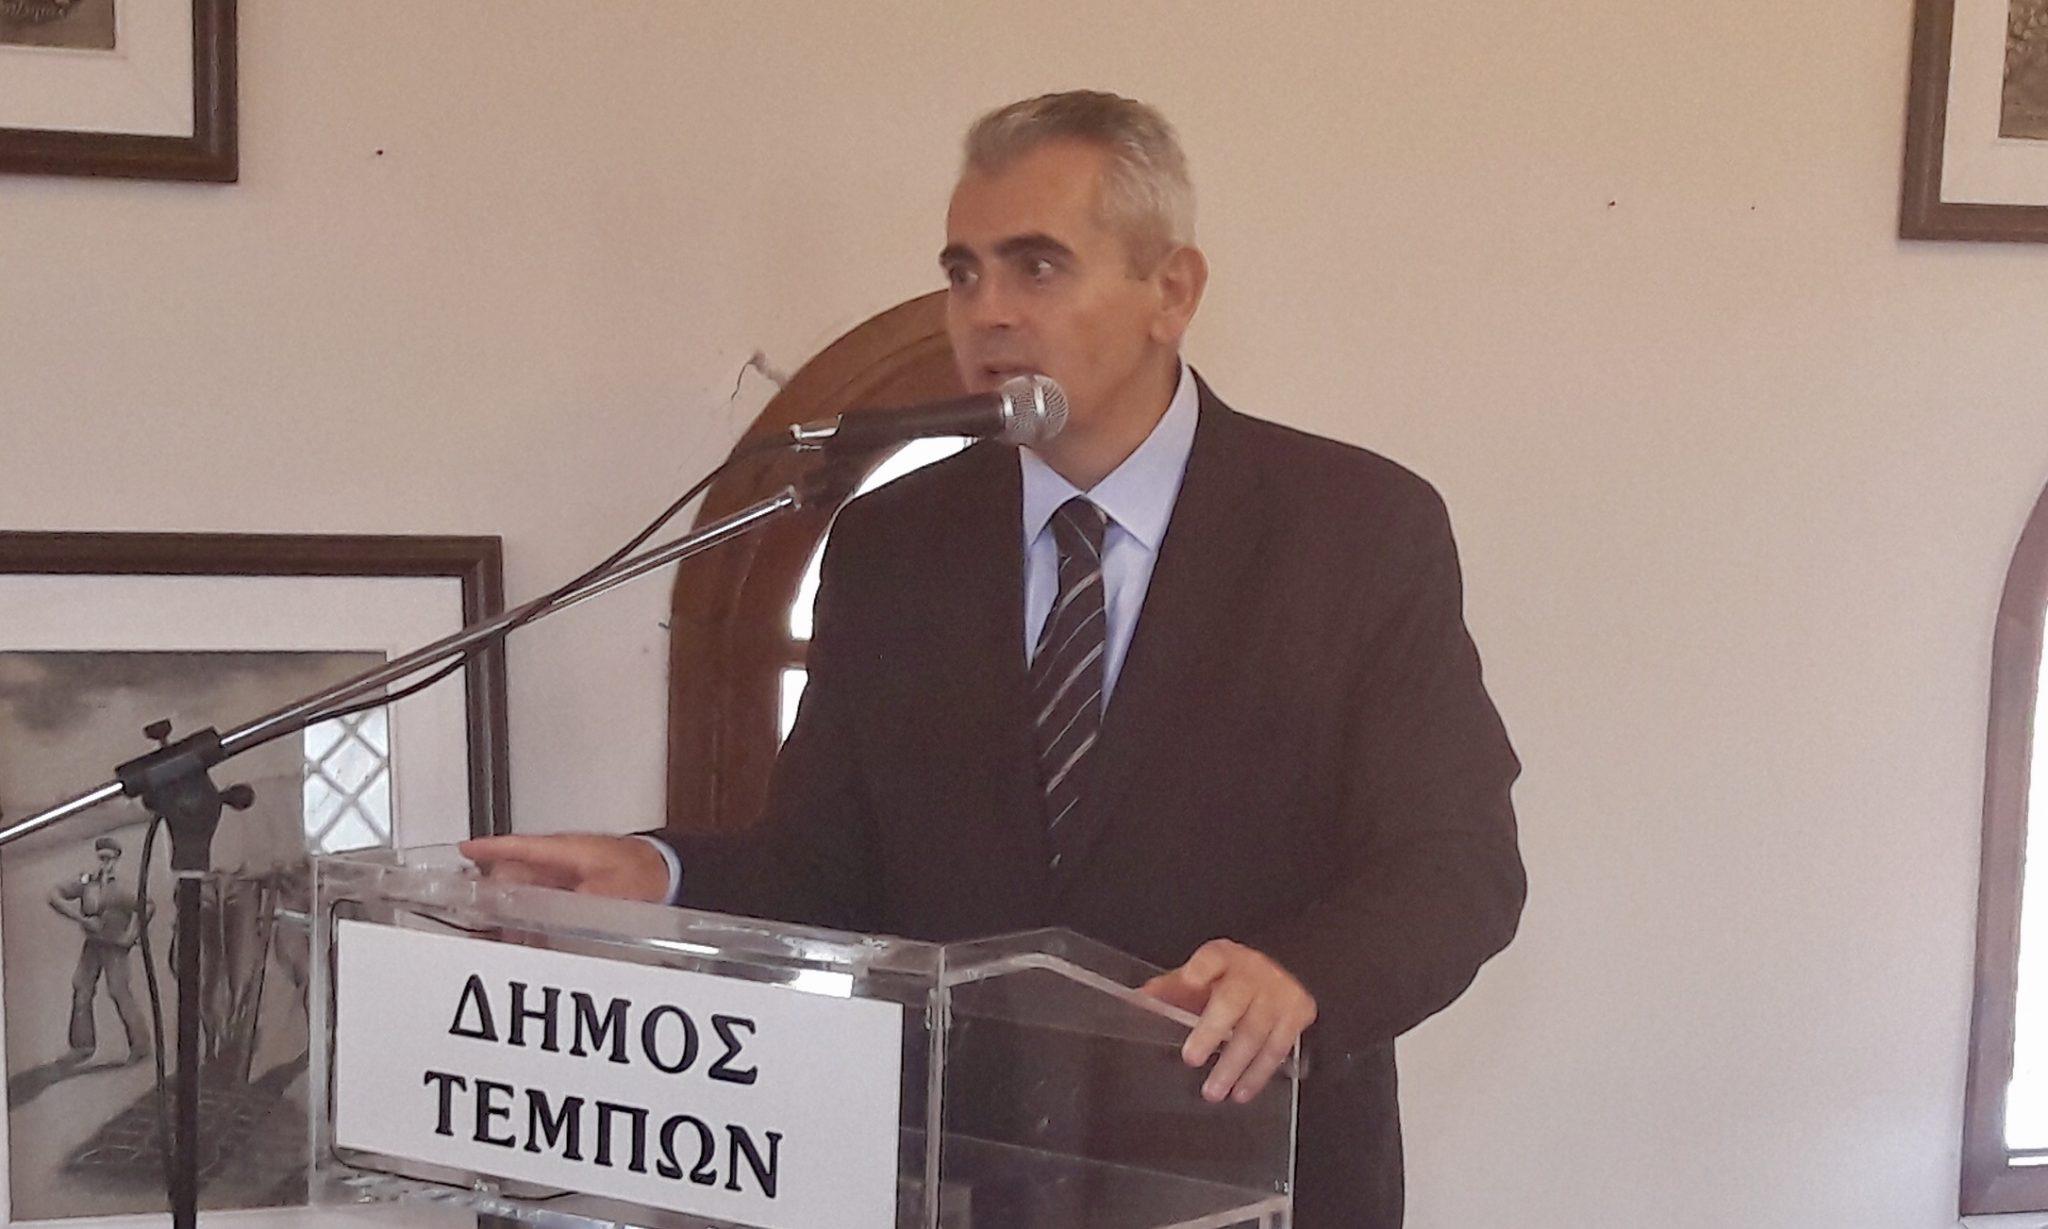 Χαρακόπουλος: Η κυβέρνηση έχει την ευθύνη για την αποθράσυνση του Ρουβίκωνα